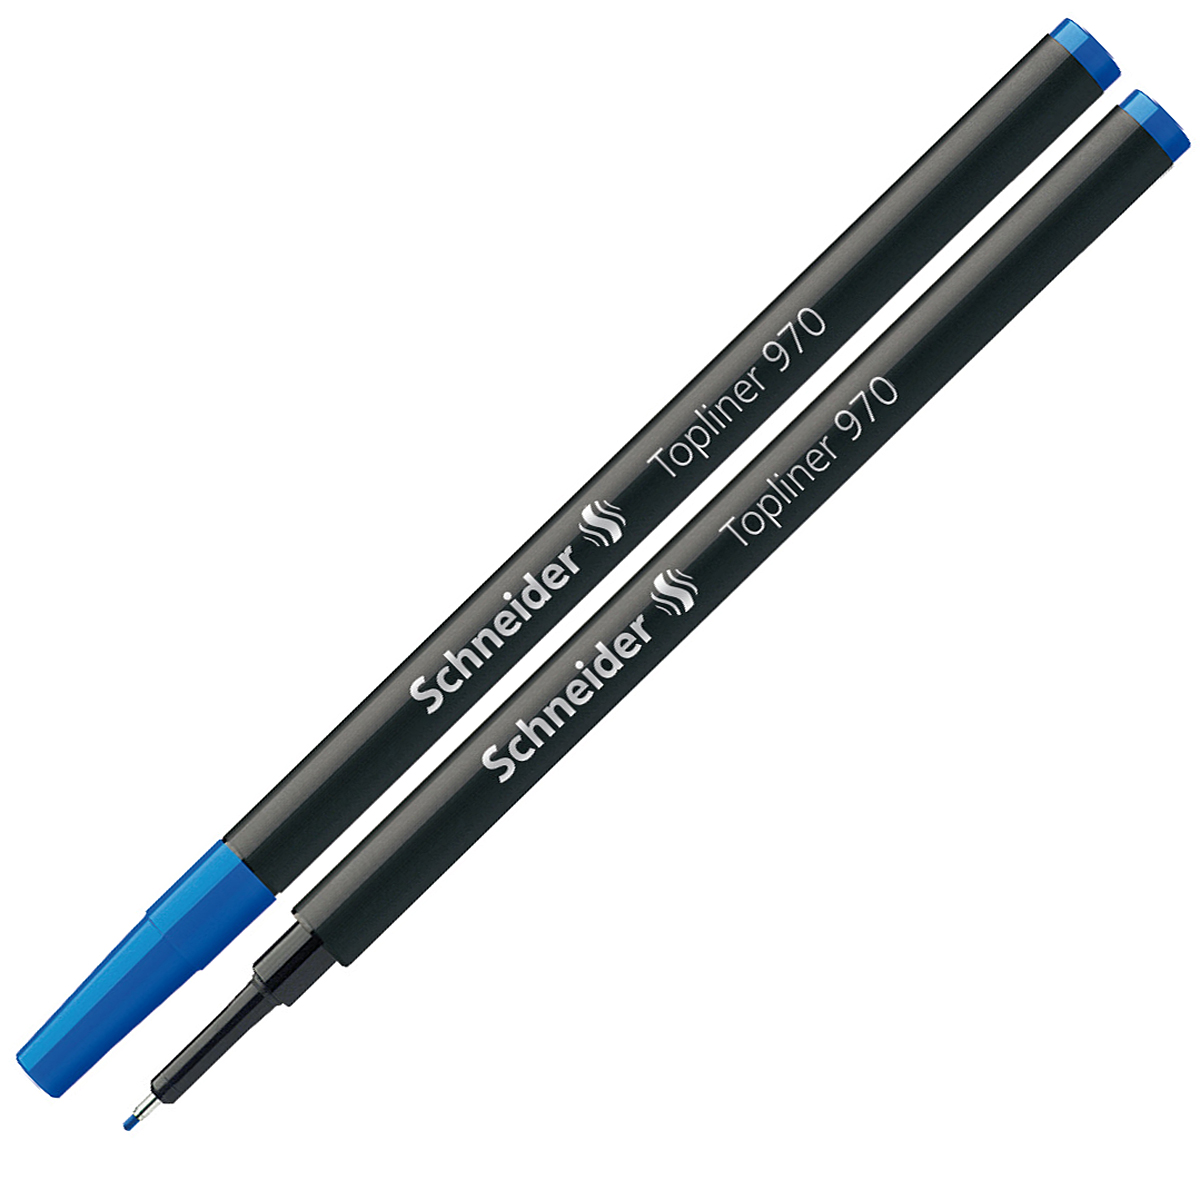 Капиллярный стержень евро-формата Schneider предназначен для линеров. Металлический трубчатый наконечник для особо четкого и тонкого письма, рисования и черчения. Ширина штриха - 0,4 мм. Комплектуется защитным колпачком.Подходит для Topball 811, а также для Xtra Change.В комплекте один стержень.